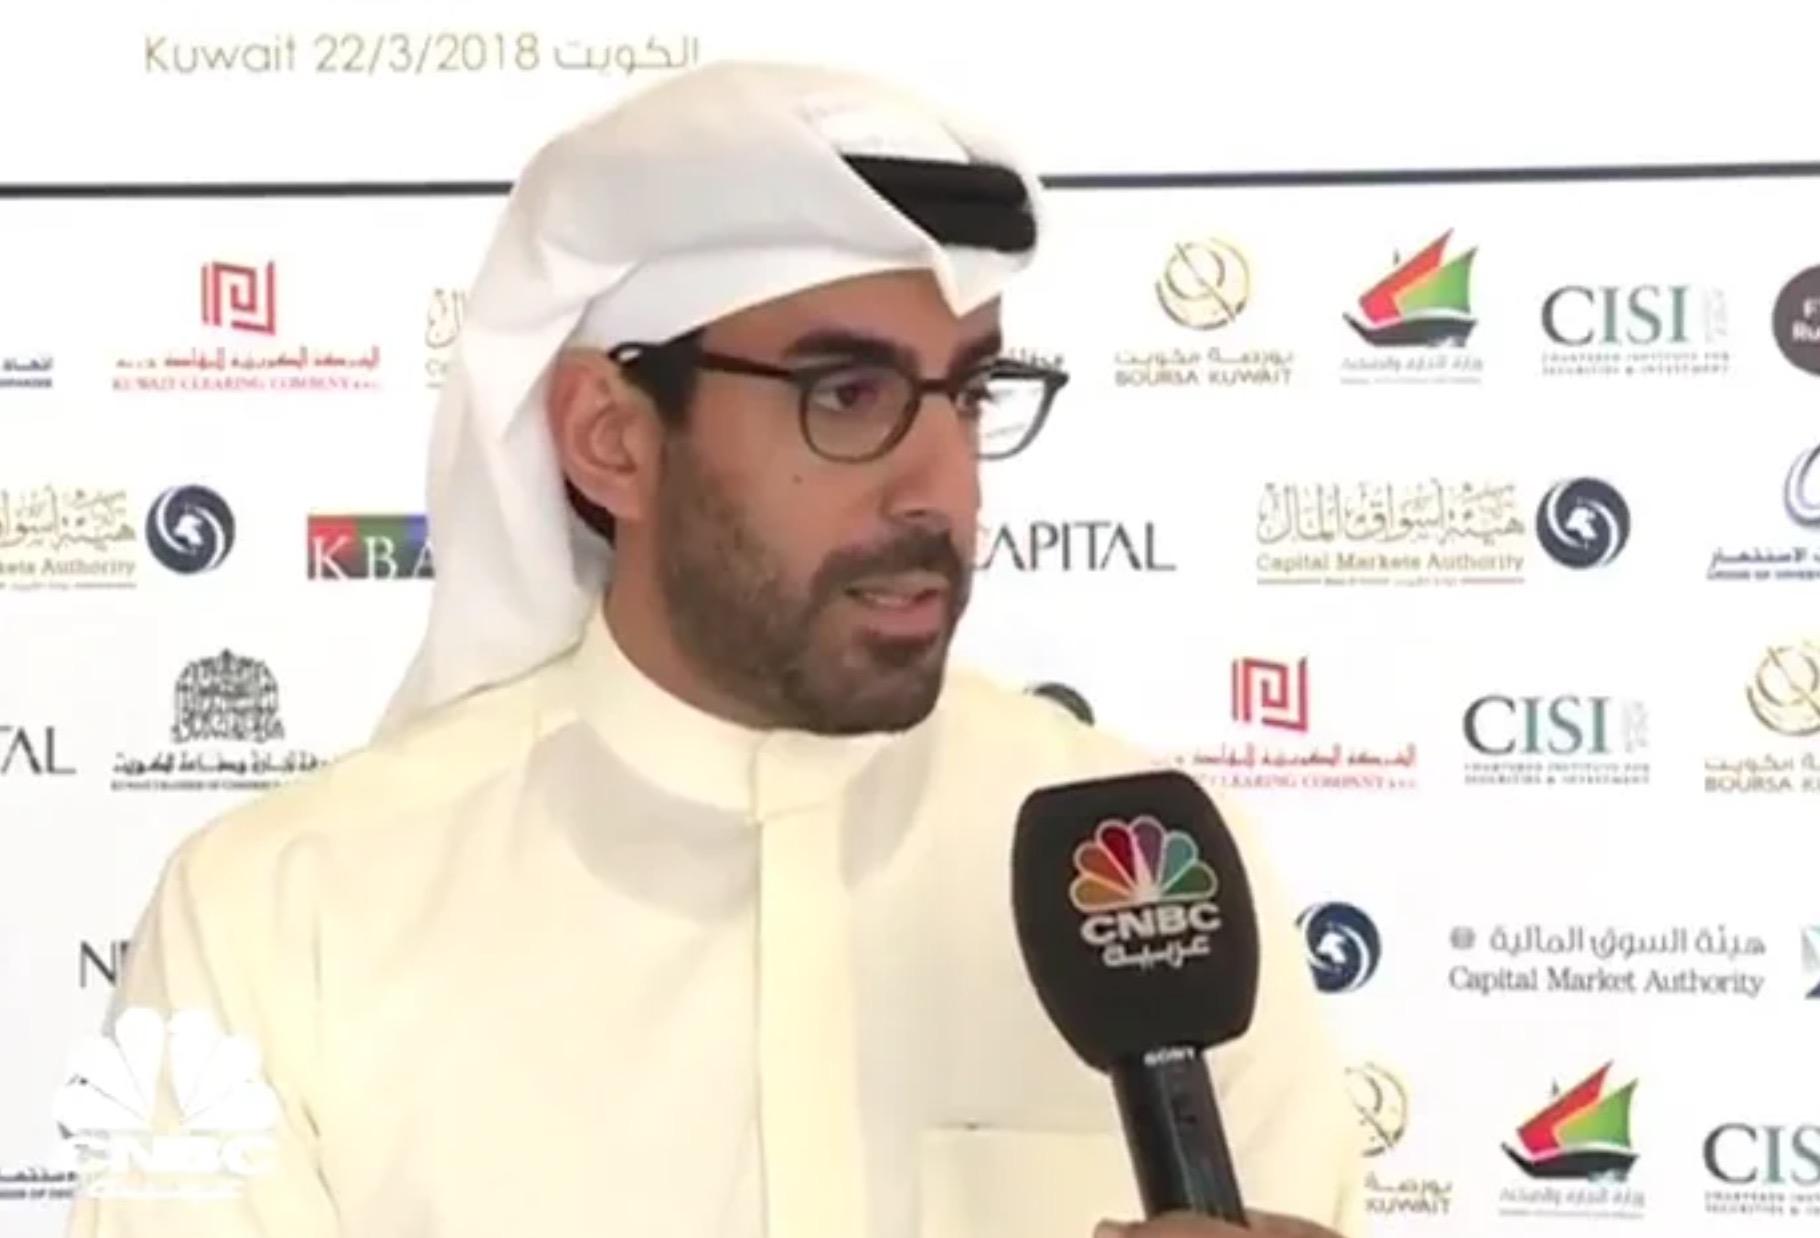 مقابلة الرئيس التنفيذي لشركة الوطني للاستثمار  فيصل عبداللطيف الحمد على قناة سي ان بي سي – عربية حول ترقية البورصة للأسواق الناشئة